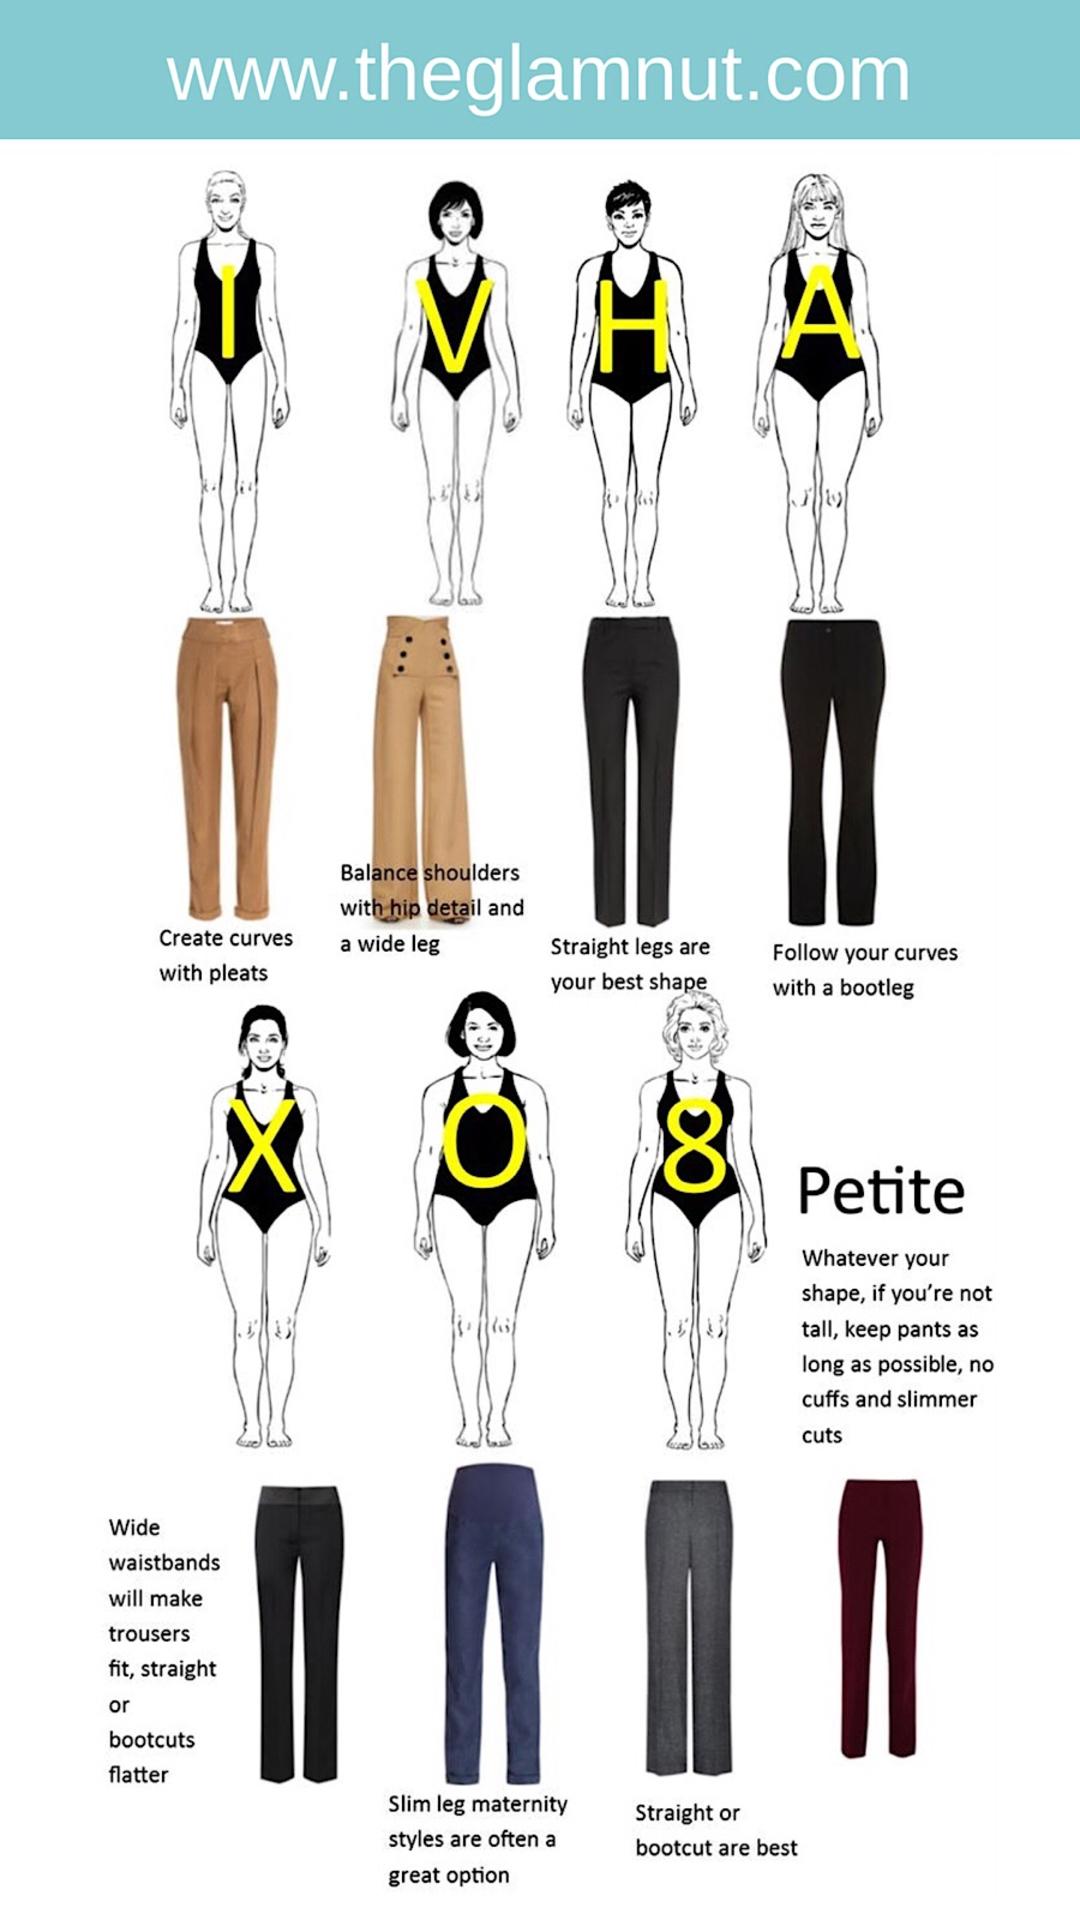 THE GLAM NUT - Fashion & Lifestyle Blog - AA21E304-6E24-4FC5-A9ED-8A9FDEE6FE14